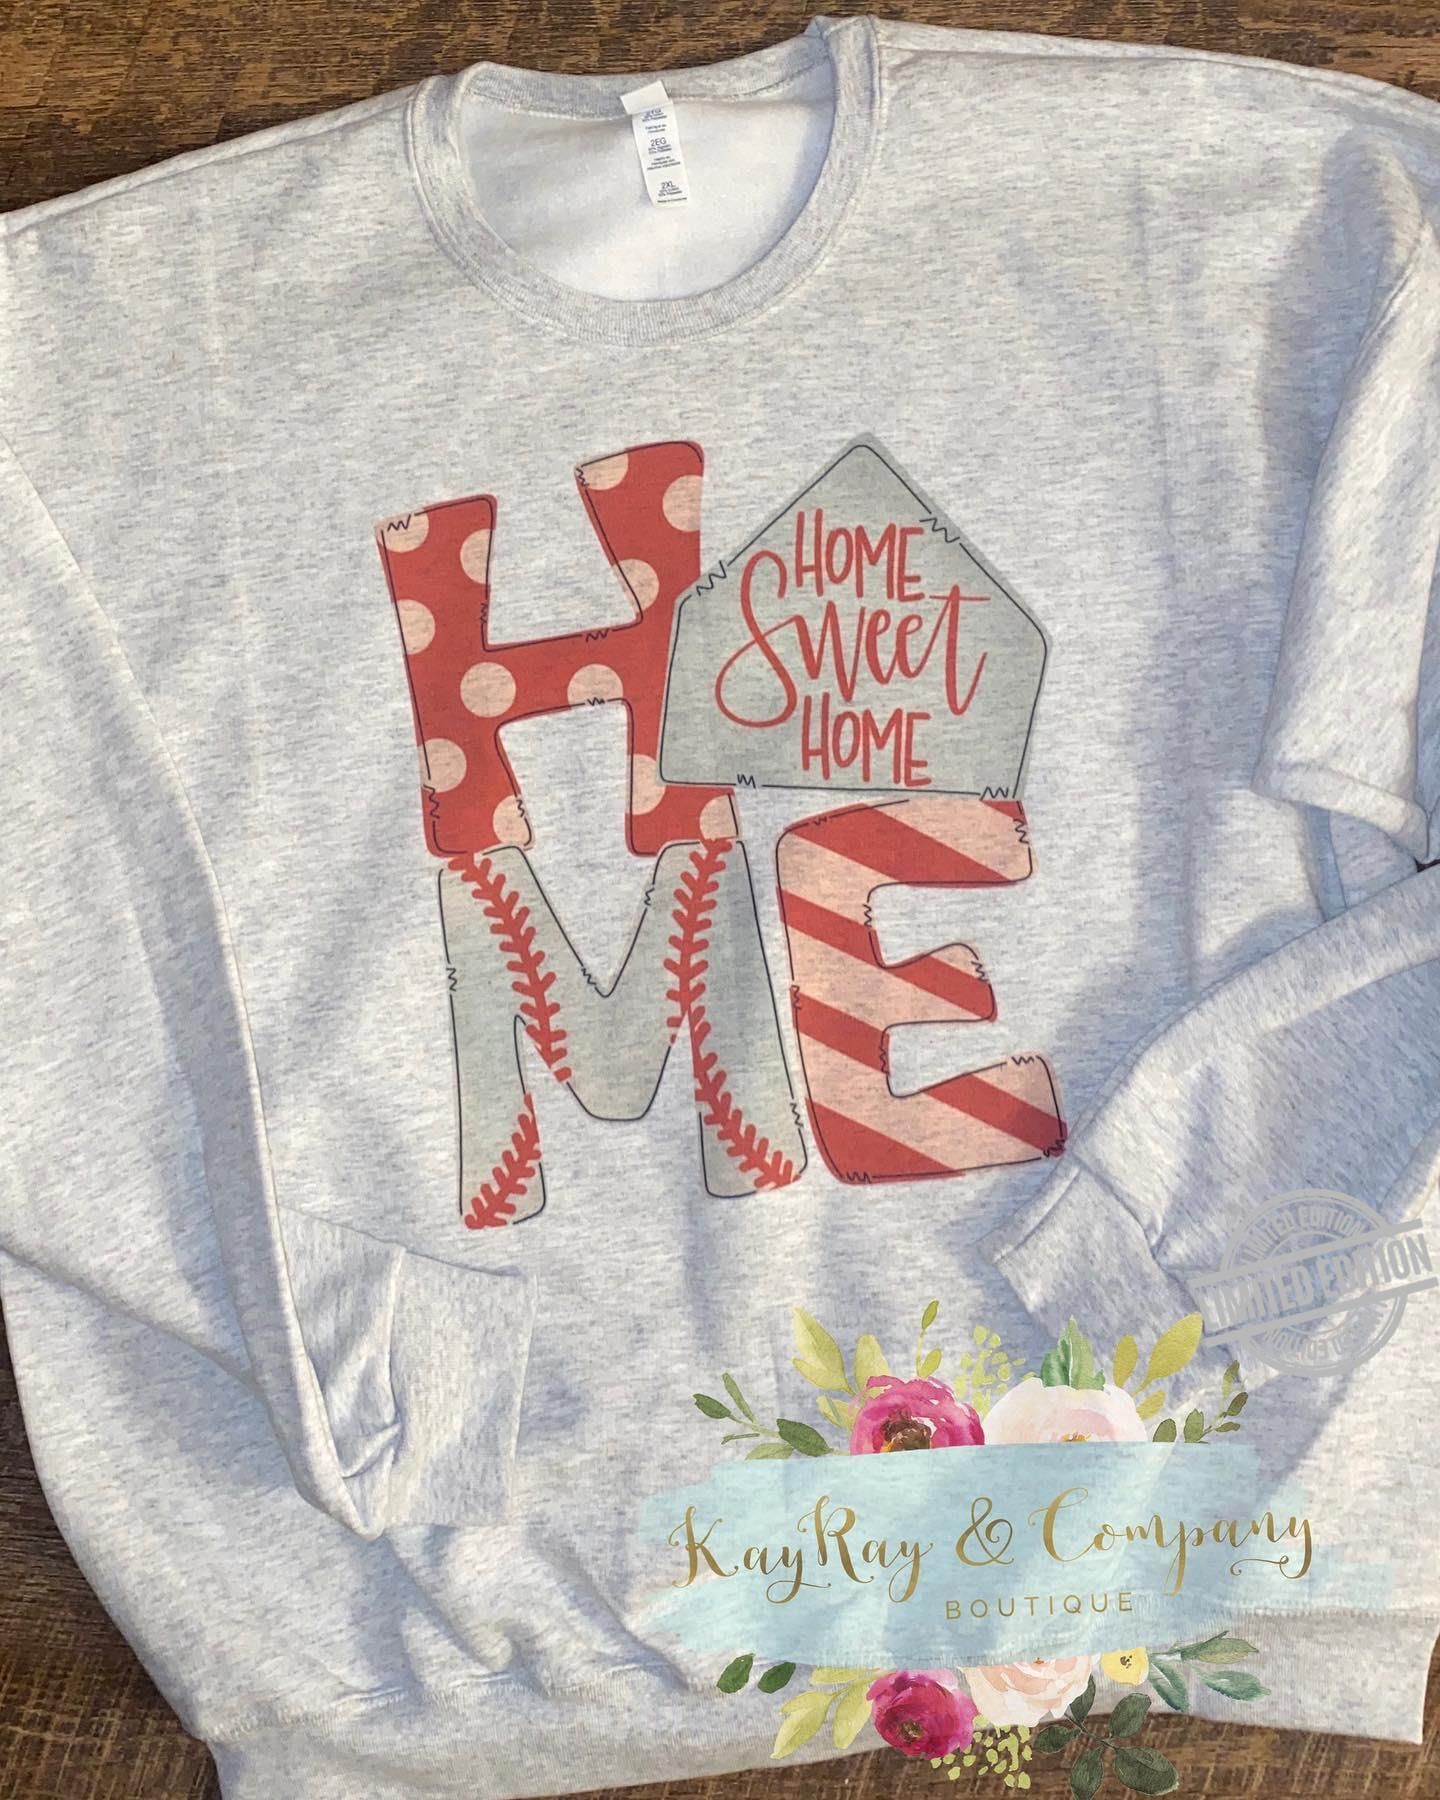 Home Sweet Home Shirt